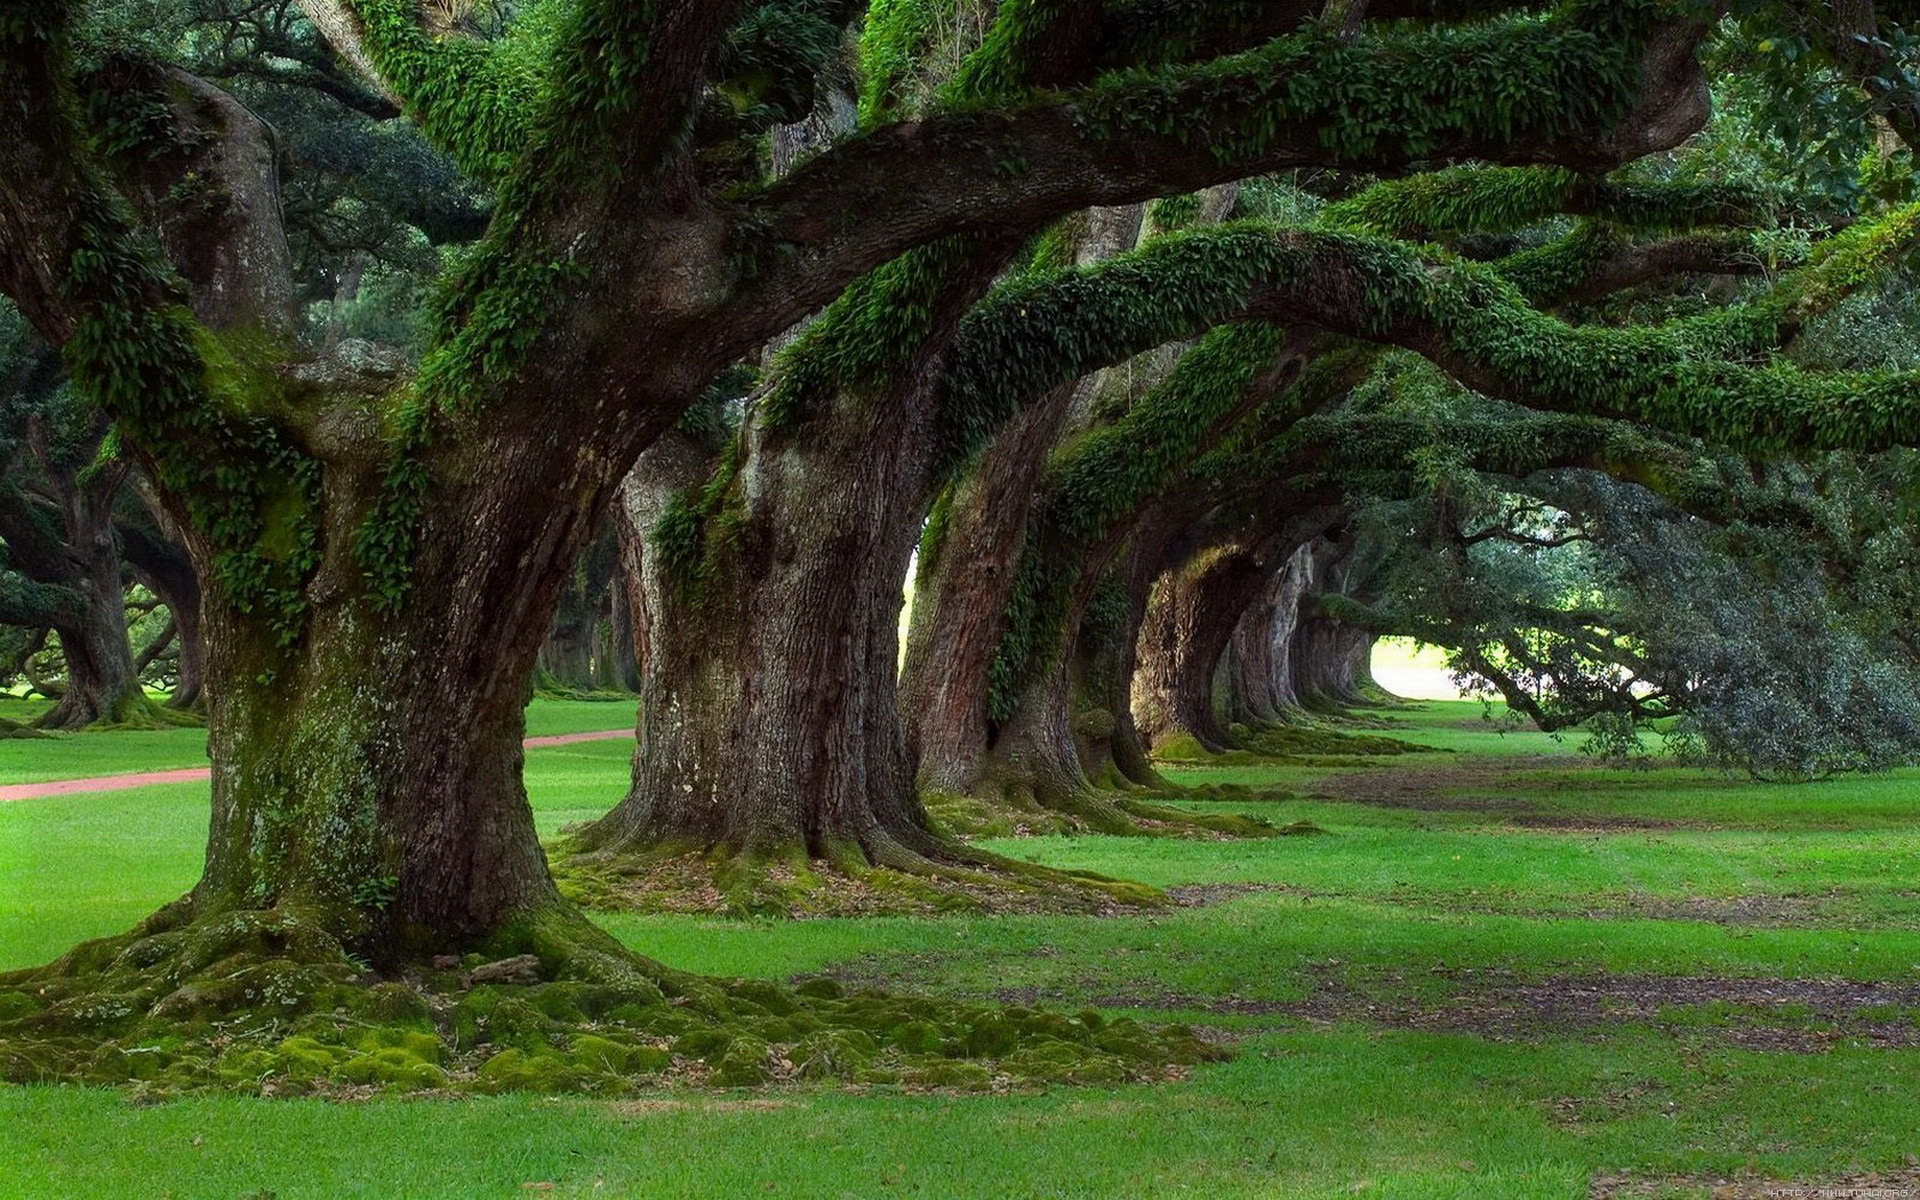 宽屏摄影风景243-树林(1920x1200) 壁纸